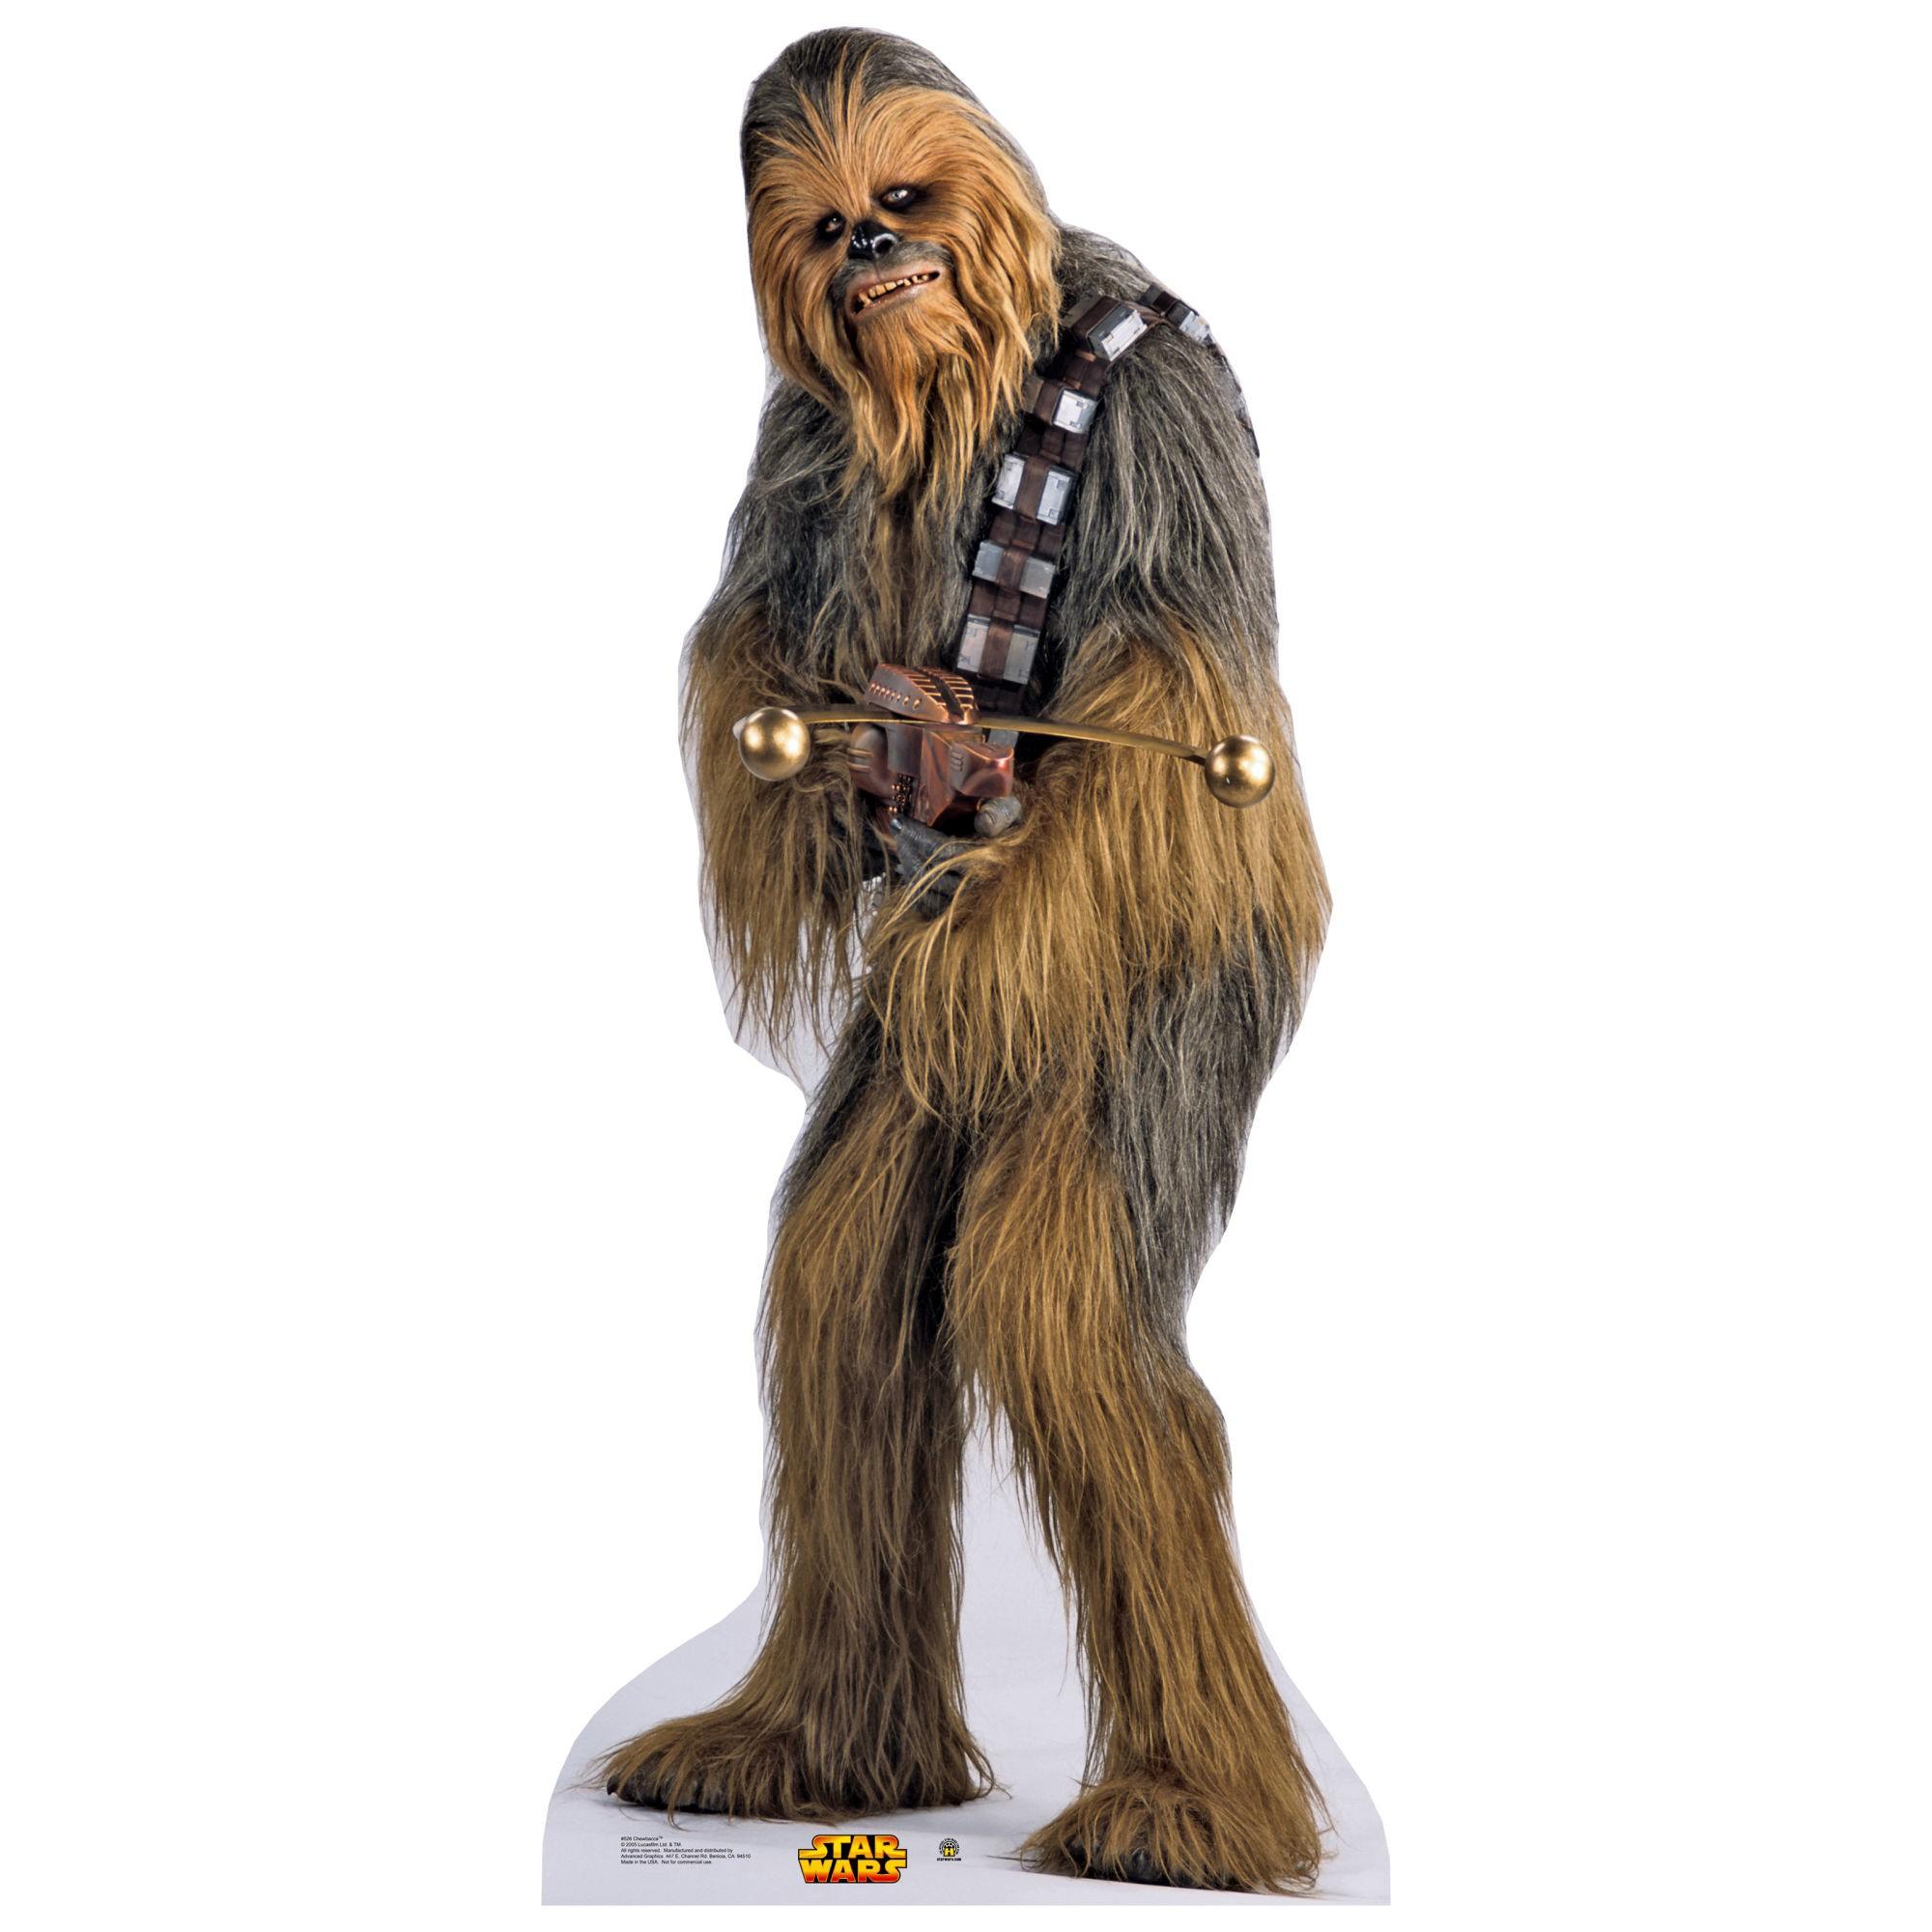 star wars chewbacca wallpaper - photo #17